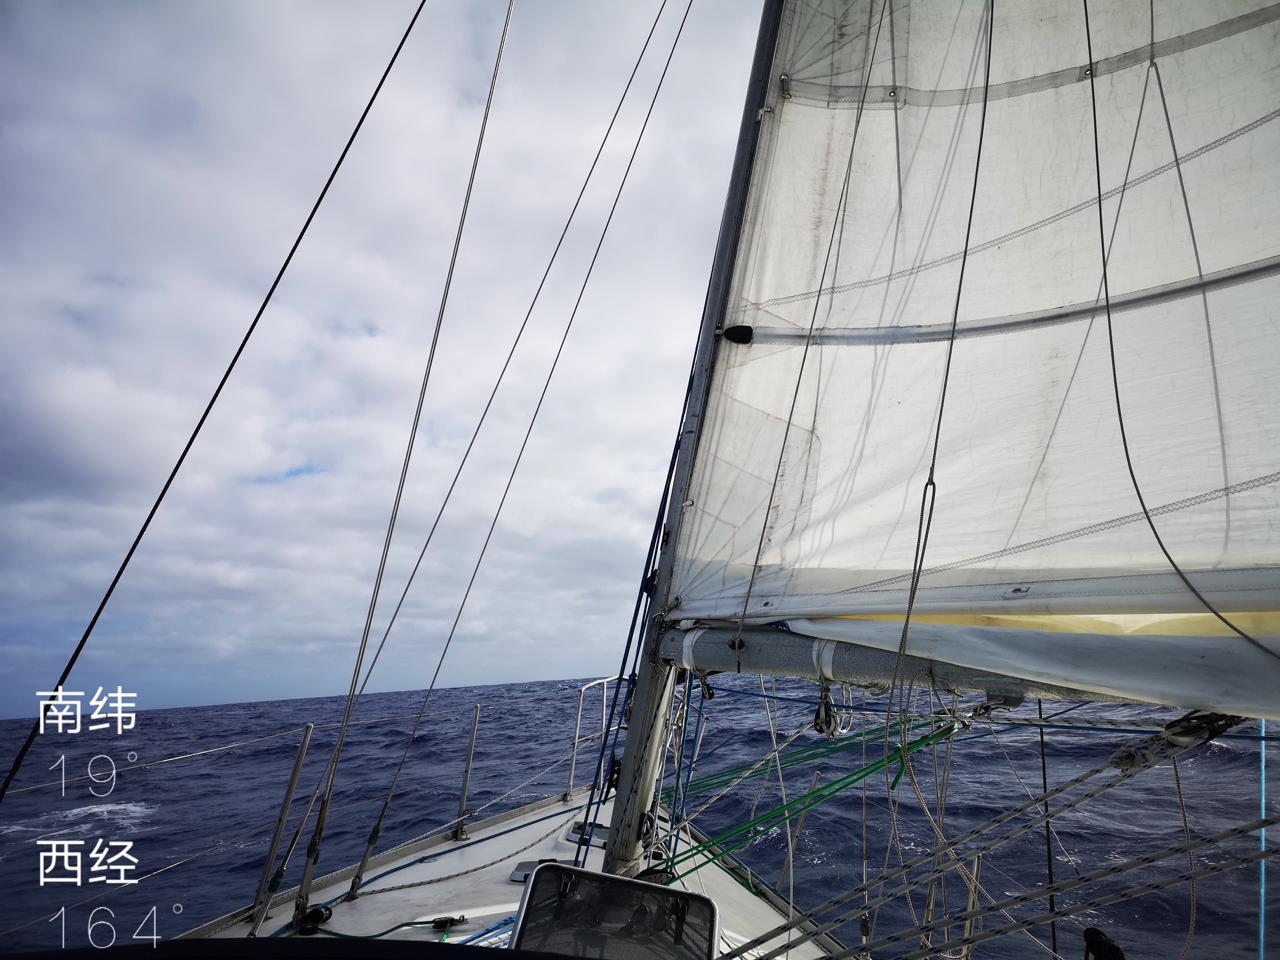 20180611跨越汤加日界线165W.jpg